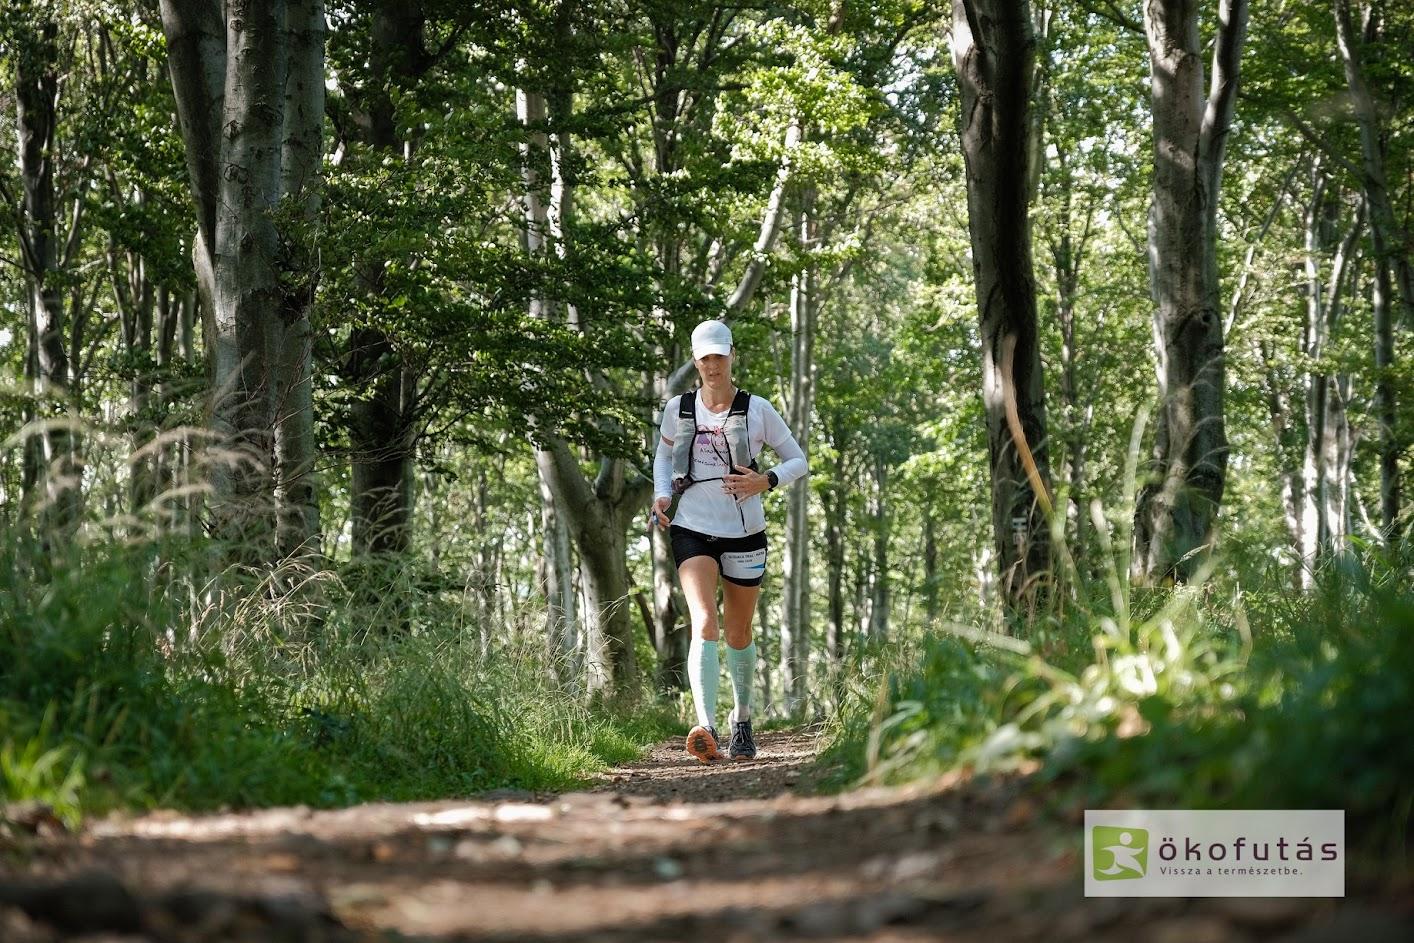 Ökofutás, UltraKék Trail, Mátra, Galyatető, Terepfutás, Varga Szilvia, Interjú